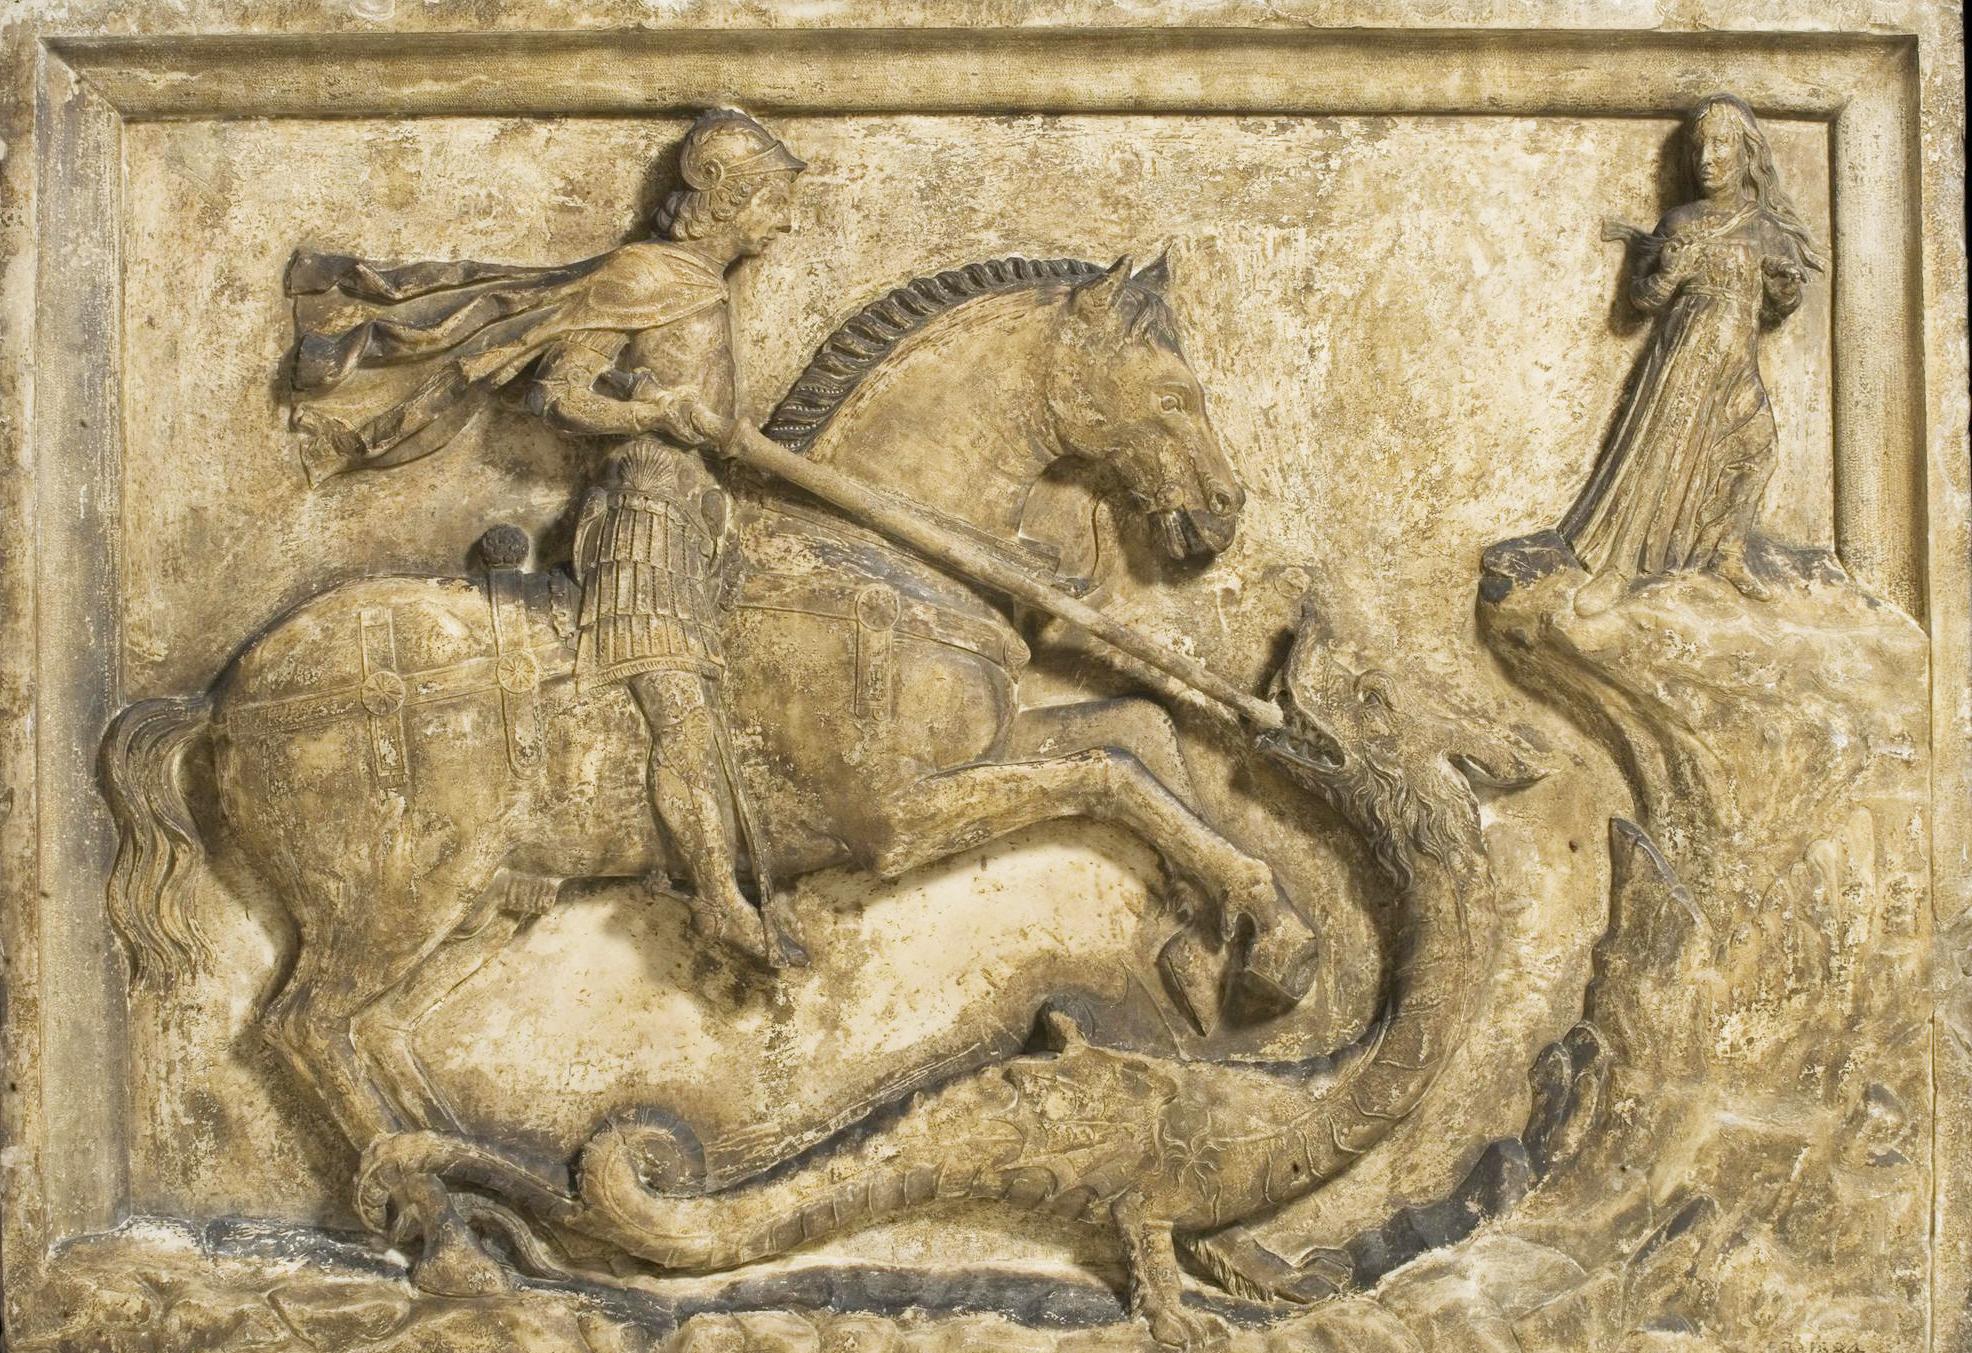 Sf. Gheorghe și dragonul (relief). Muzeul Victoria și Albert. Locul de origine: Veneția, Italia, anul 1500. Acest relief a fost găsit pe peretele exterior al unei case de lângă Ponte del Baretteri.